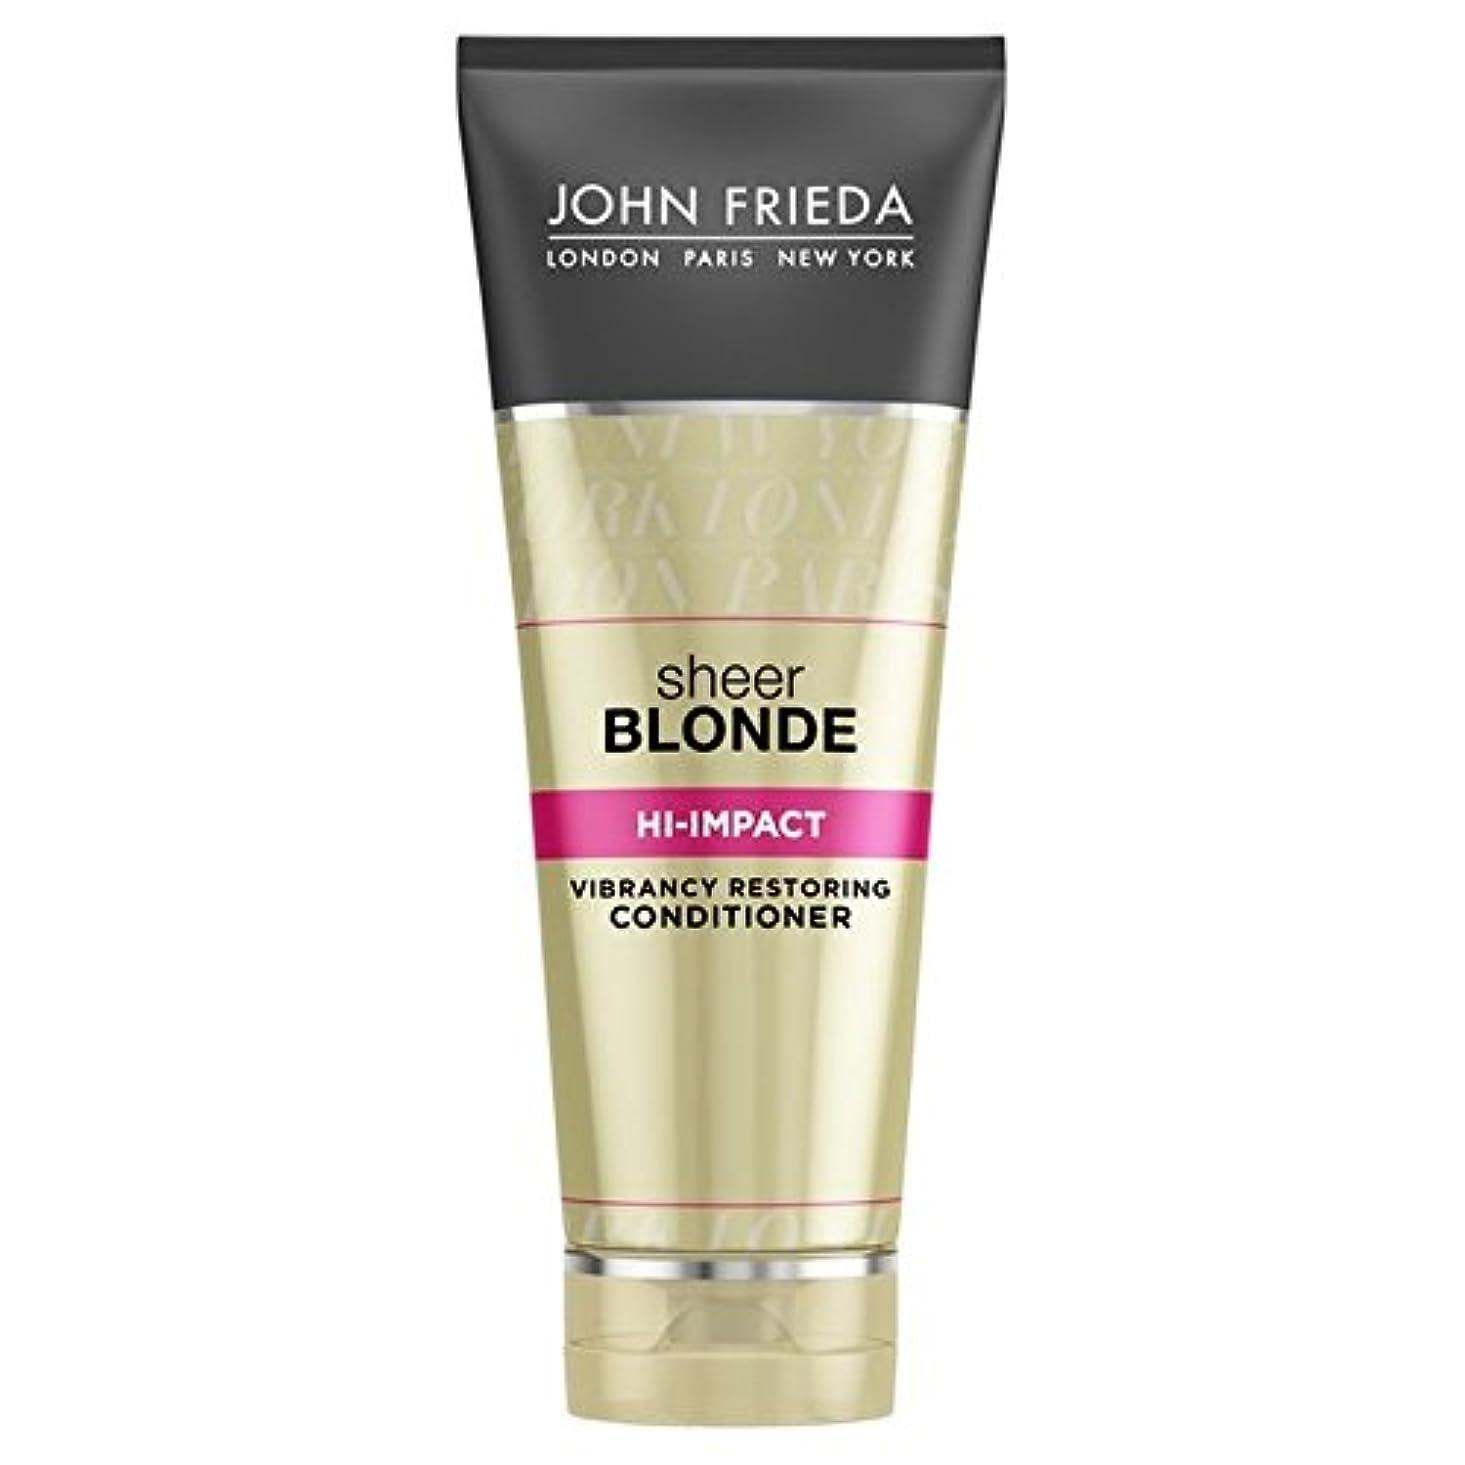 肘に勝る不適切なJohn Frieda Sheer Blonde Hi Impact Conditioner 250ml - ジョン?フリーダ膨大なブロンドハイインパクトコンディショナー250 [並行輸入品]